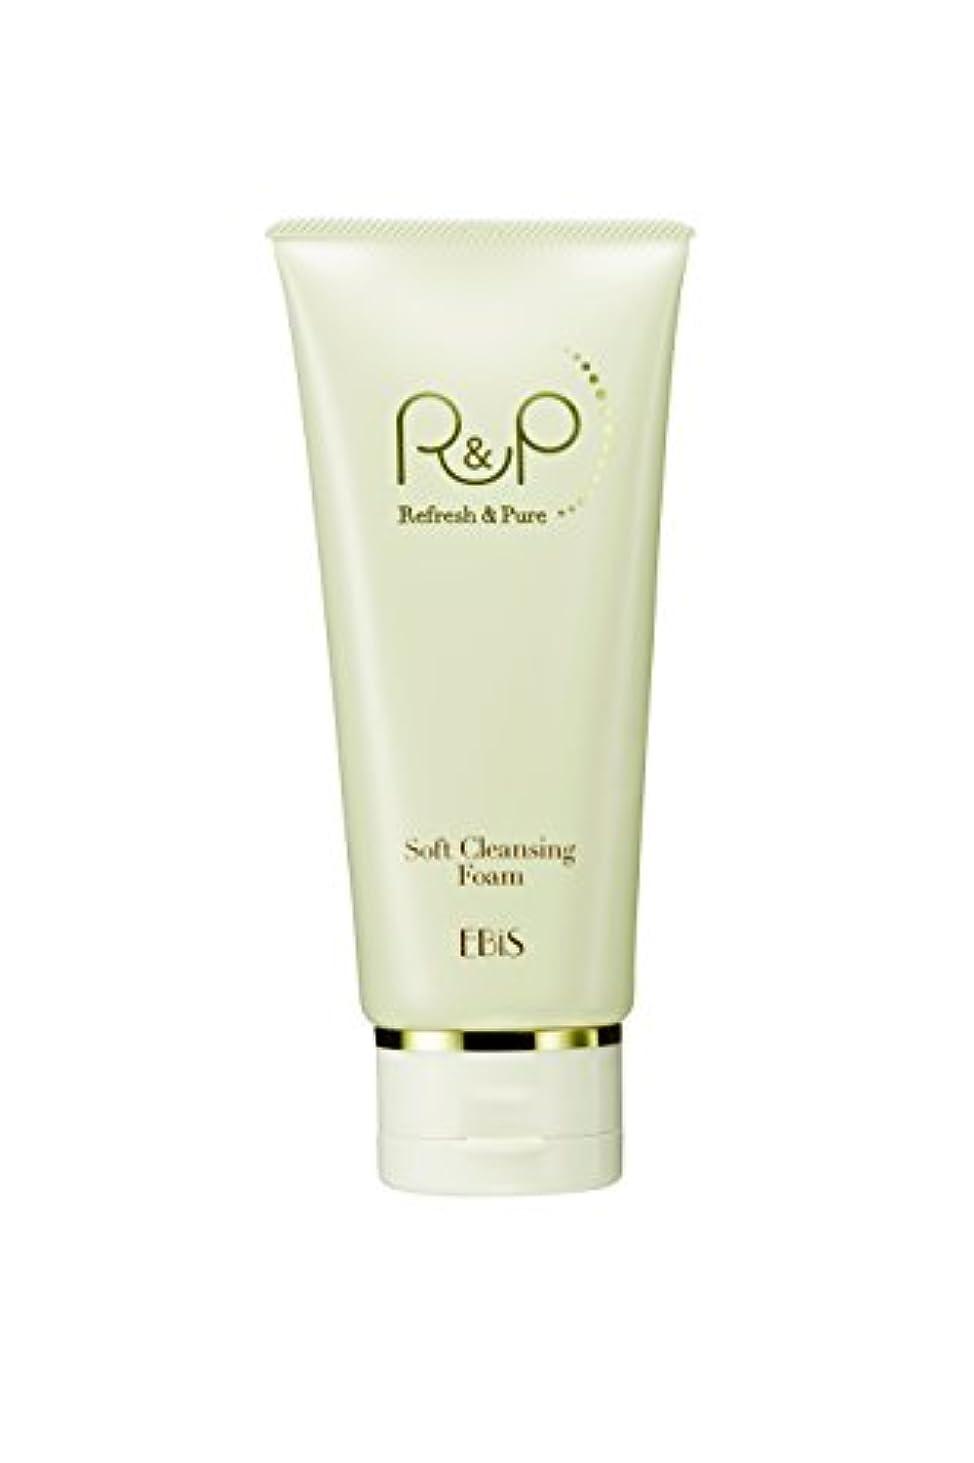 体操選手ハーフチェスエビス化粧品(EBiS) R&Pソフトクレンジングフォーム100g 泥洗顔 洗顔フォーム 高級クレイ使用 ノンアルコール